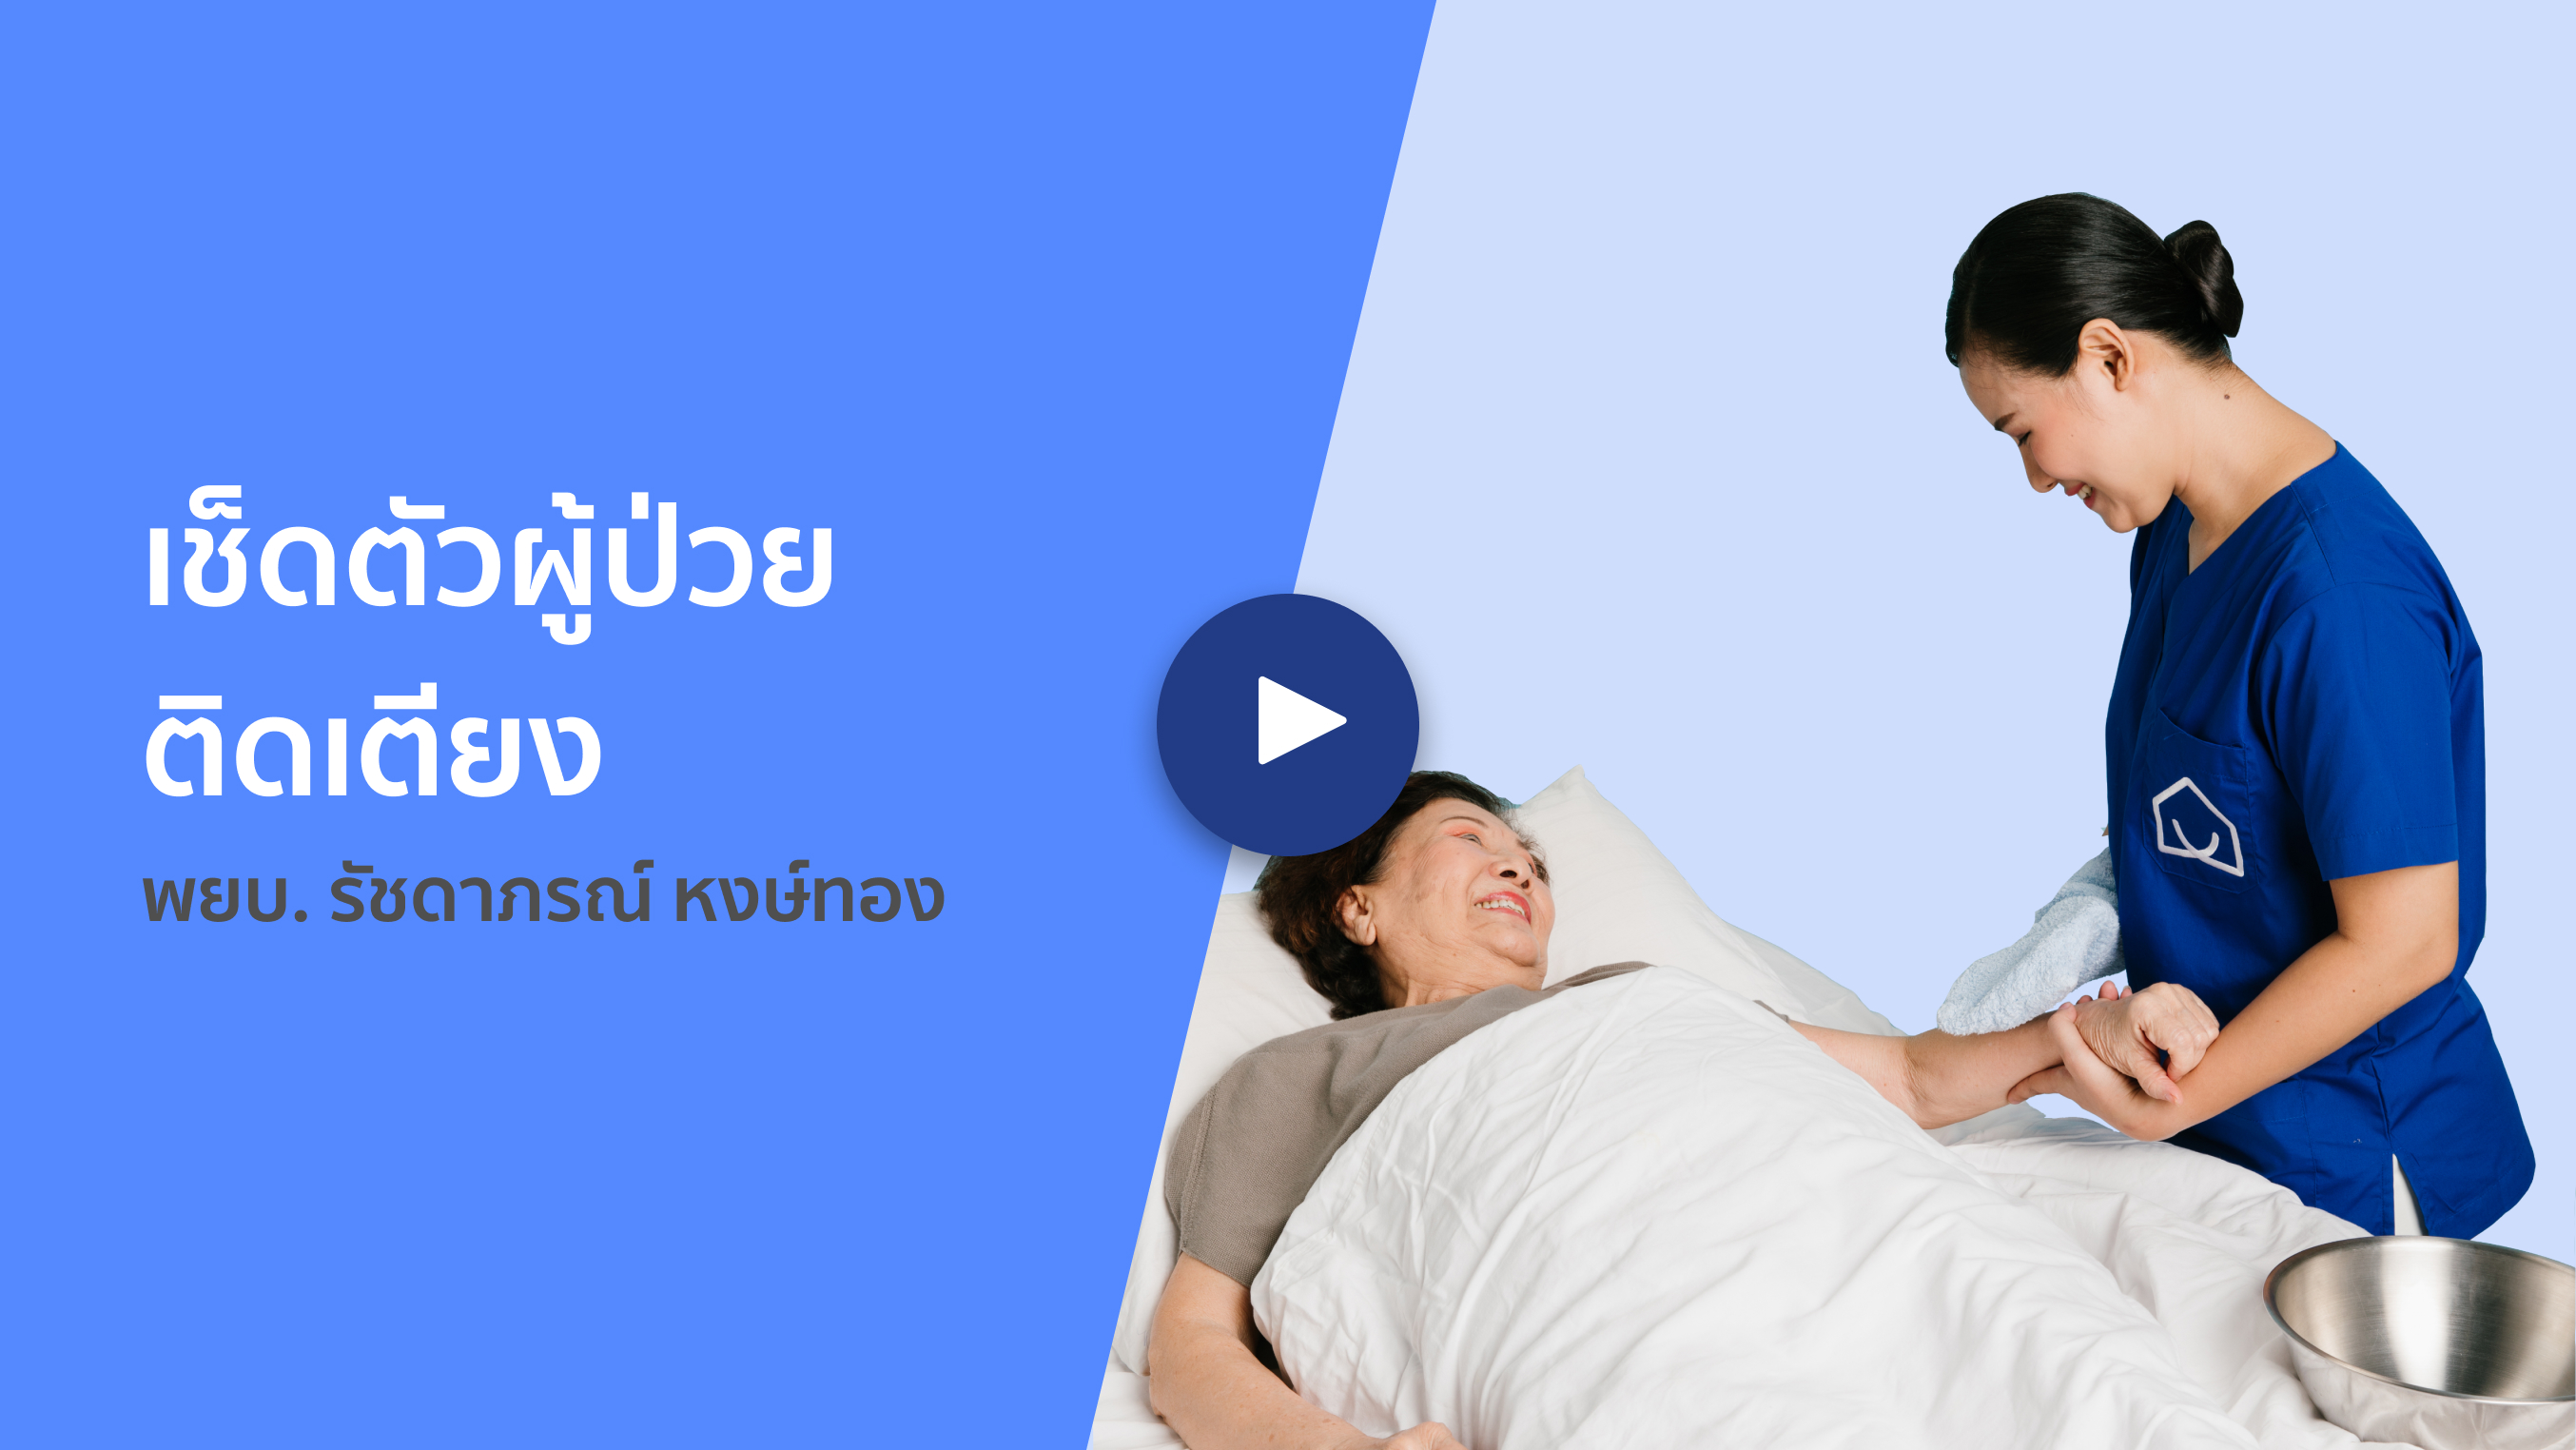 วิธีการเช็ดตัวผู้ป่วยติดเตียง